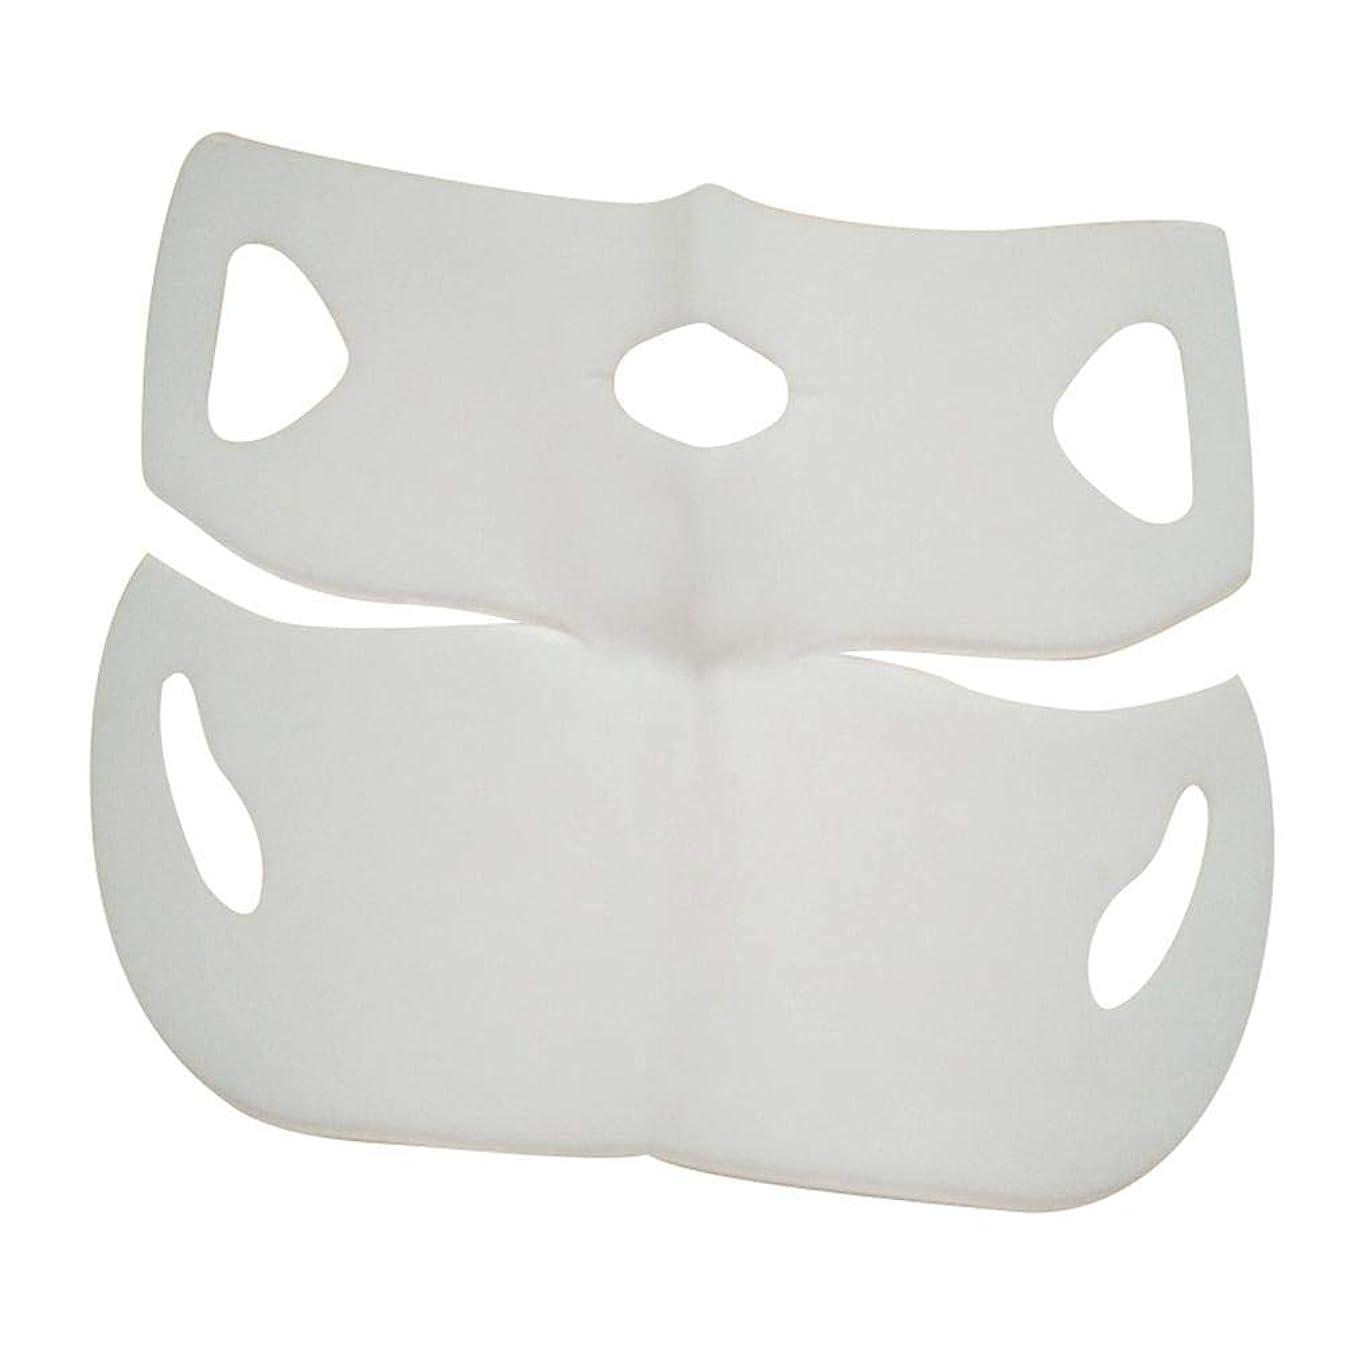 テクニカル可塑性賄賂SILUN 最新型 4D Vフェイシャルマスク フェイスマスク 小顔 マスク フェイスラインベルト 美顔 顔痩せ 肌ケア 保湿 毛細血管収縮 睡眠マスク